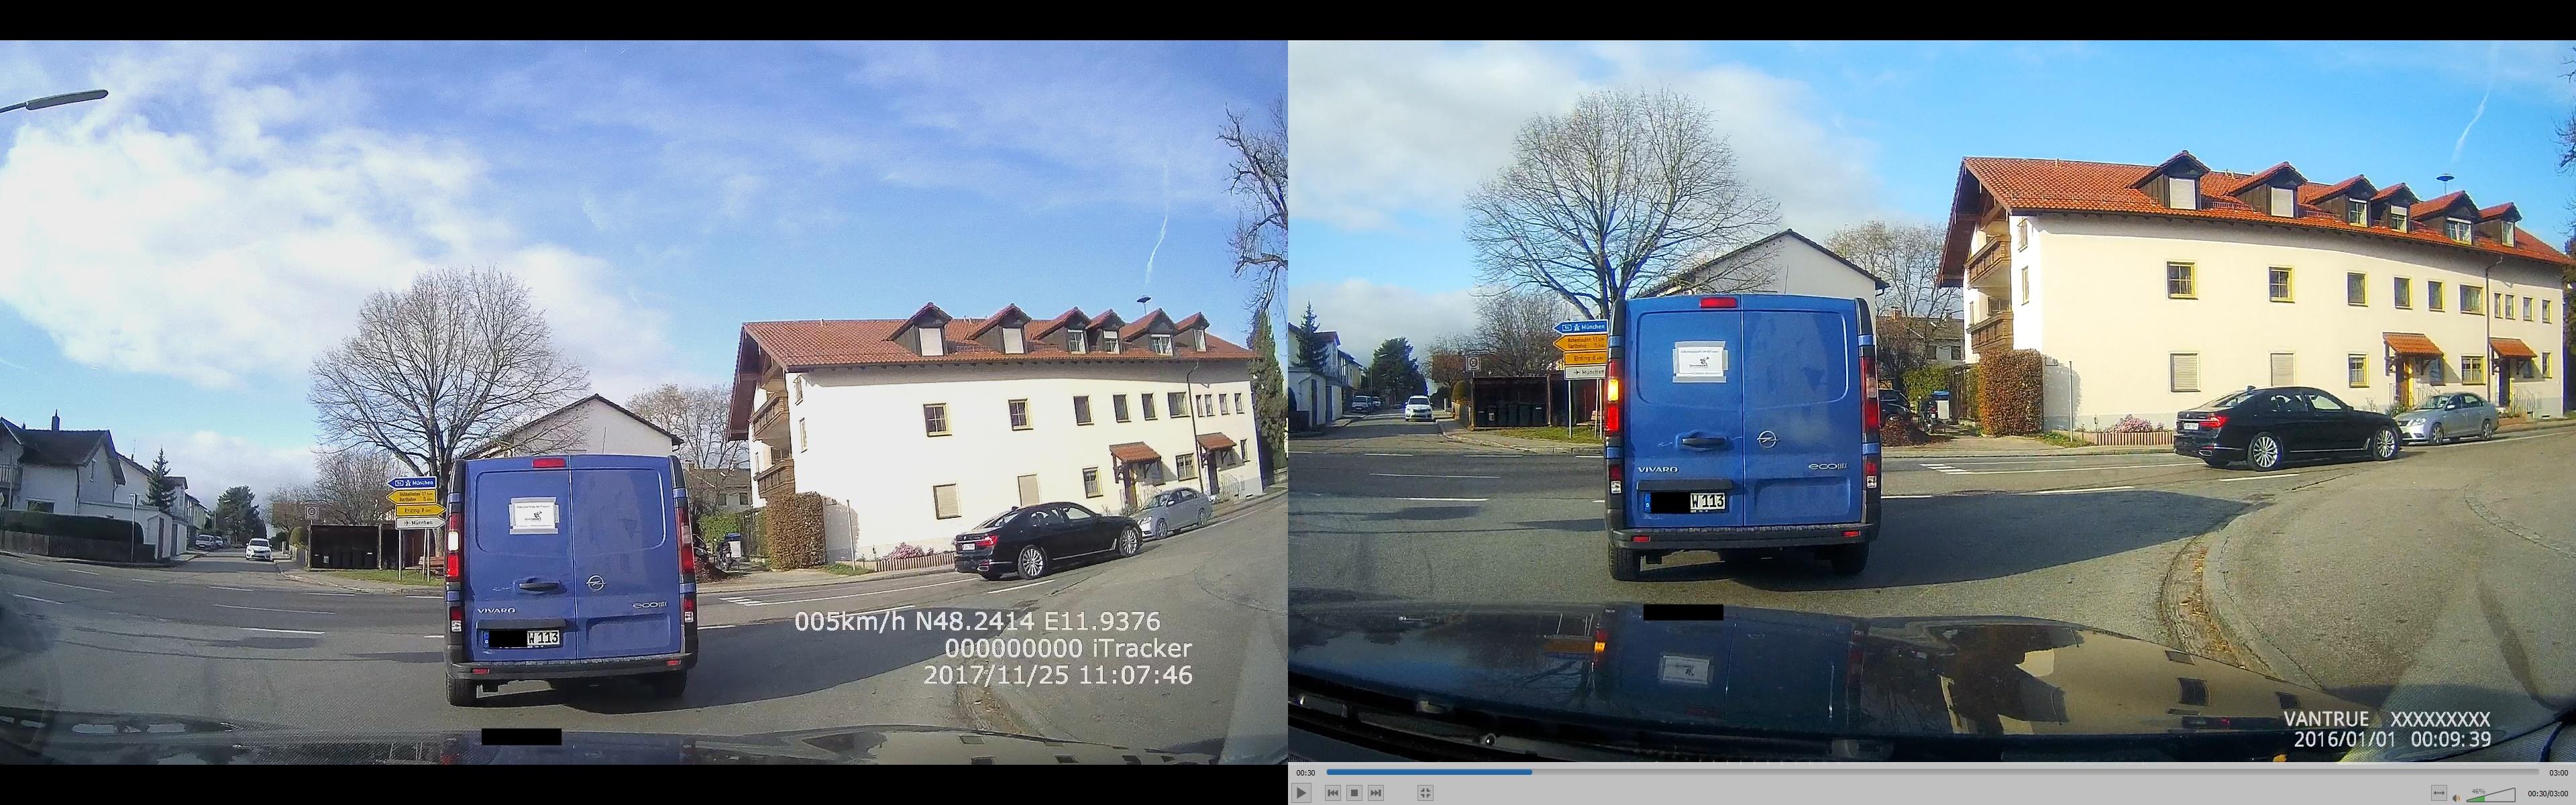 iTracker GS6000-A7 vs. Vantrue X3 – Vergleich der Bildqualität 3